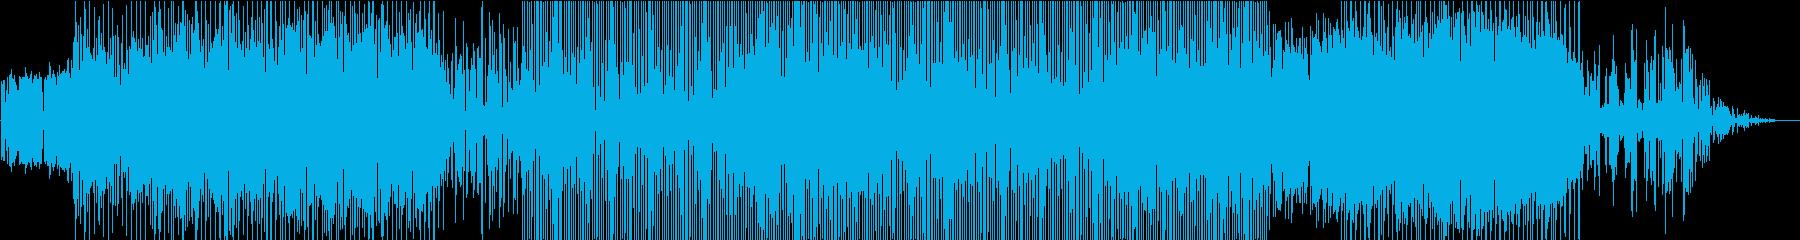 力強いビート大地を感じるピアノの再生済みの波形